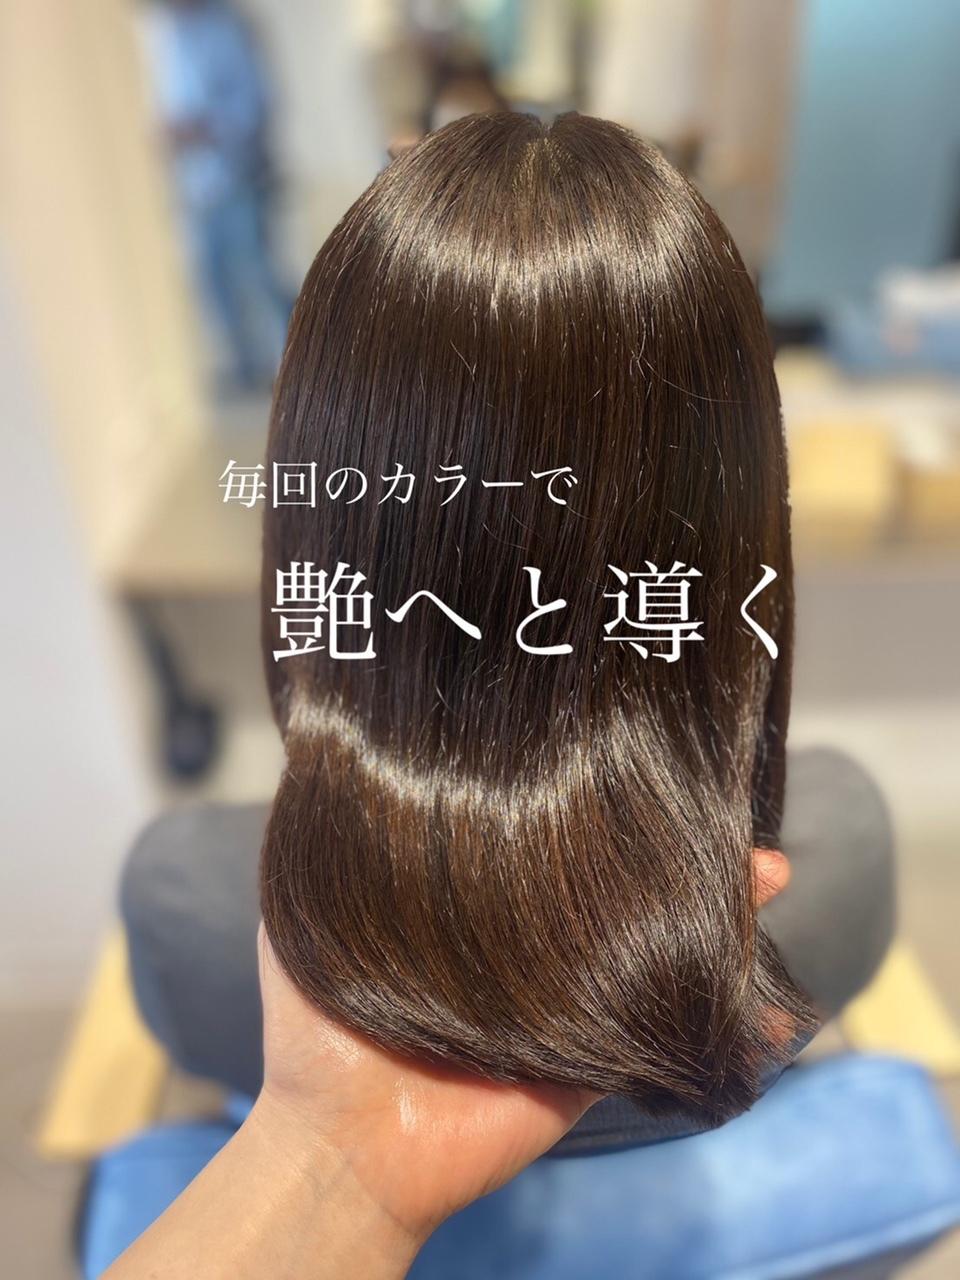 カラーで天使の輪ができる艶髪へ ダメージを最小限に抑えた施術になります。